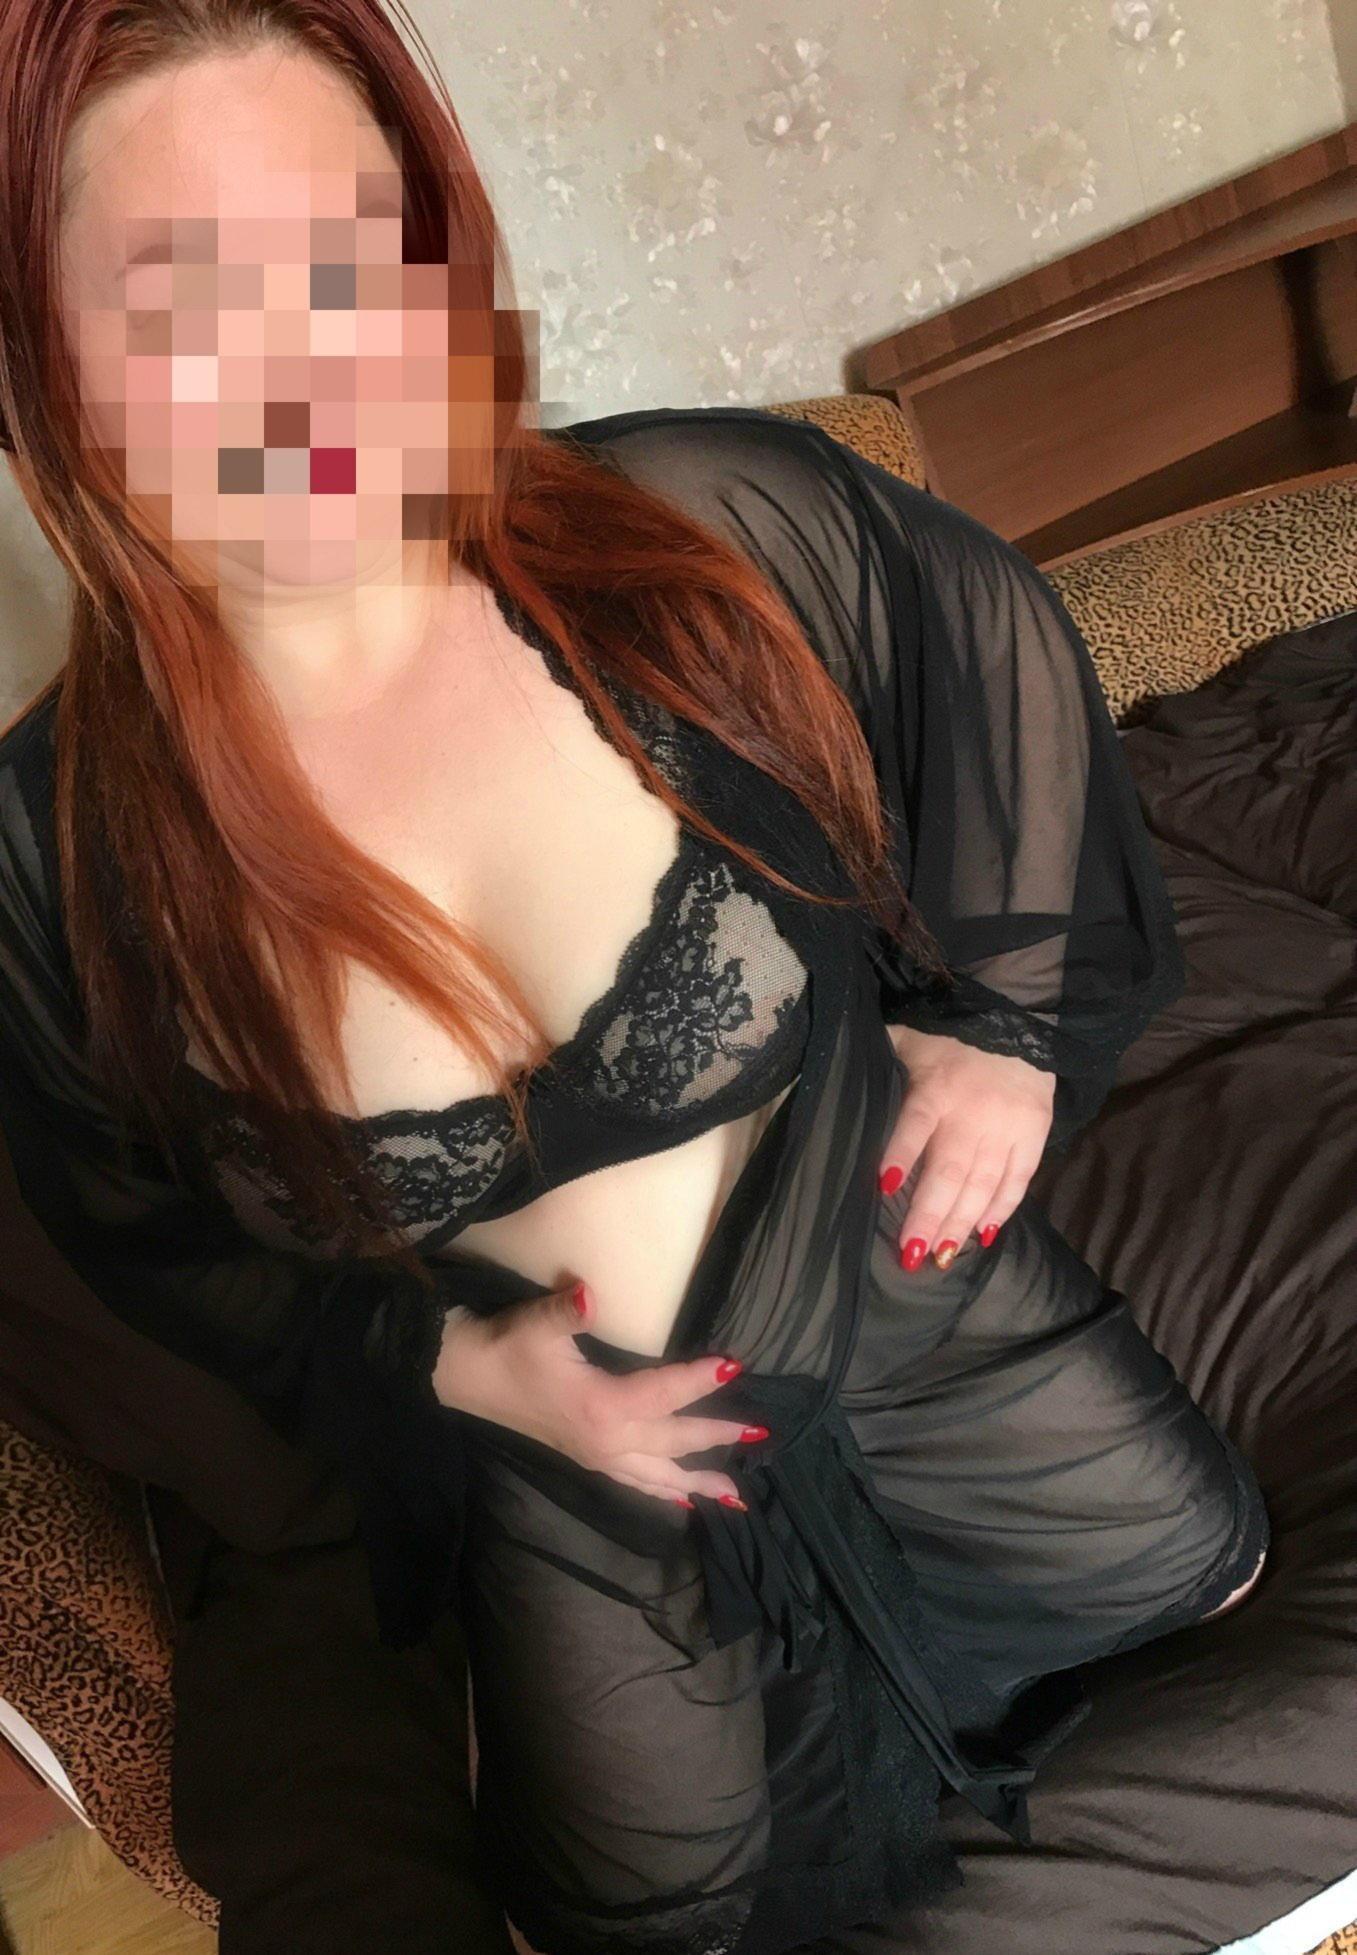 Дешево проститутки алтуфьево подарила мужу проституток